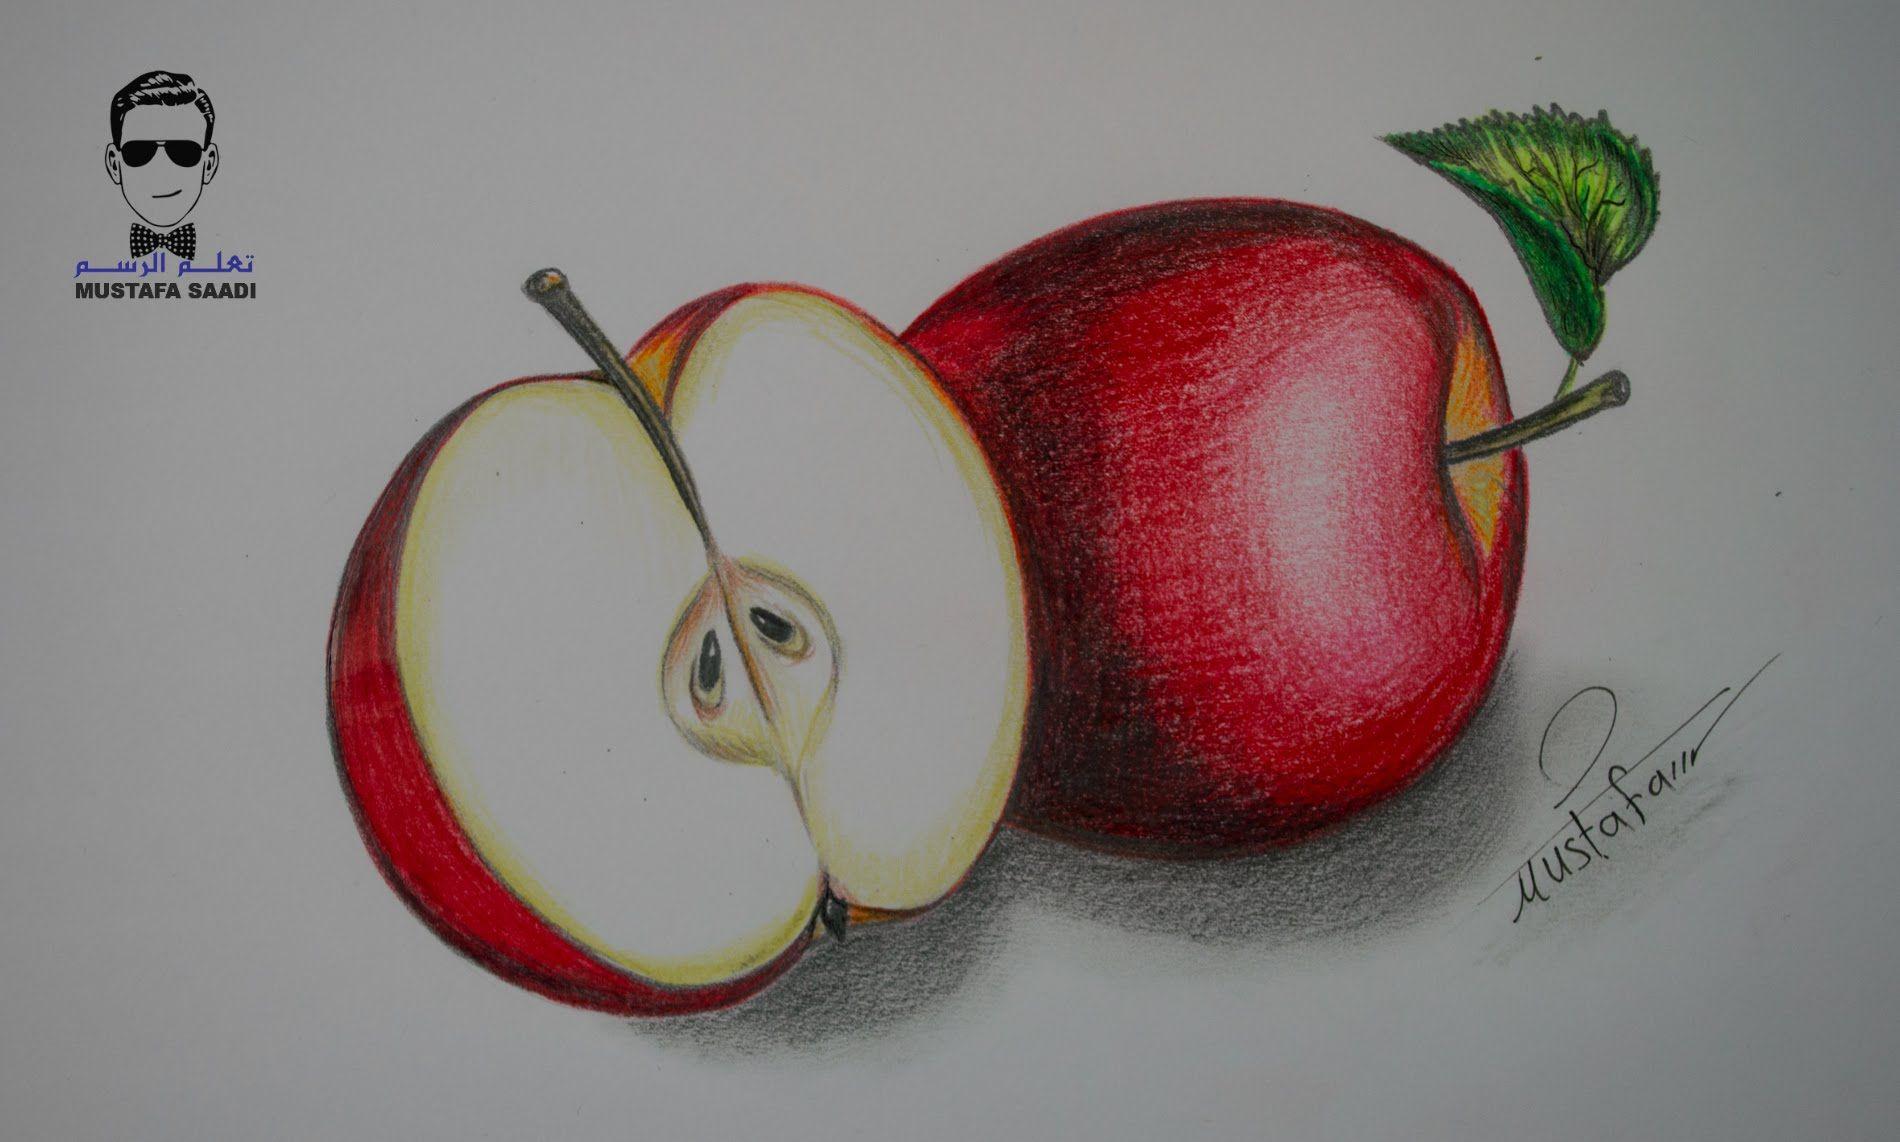 كيفية تعلم رسم تفاحة بالرصاص والالوان الخشبية مع الخطوات للمبتدئين Drawings Drawing Illustrations Food Drawing